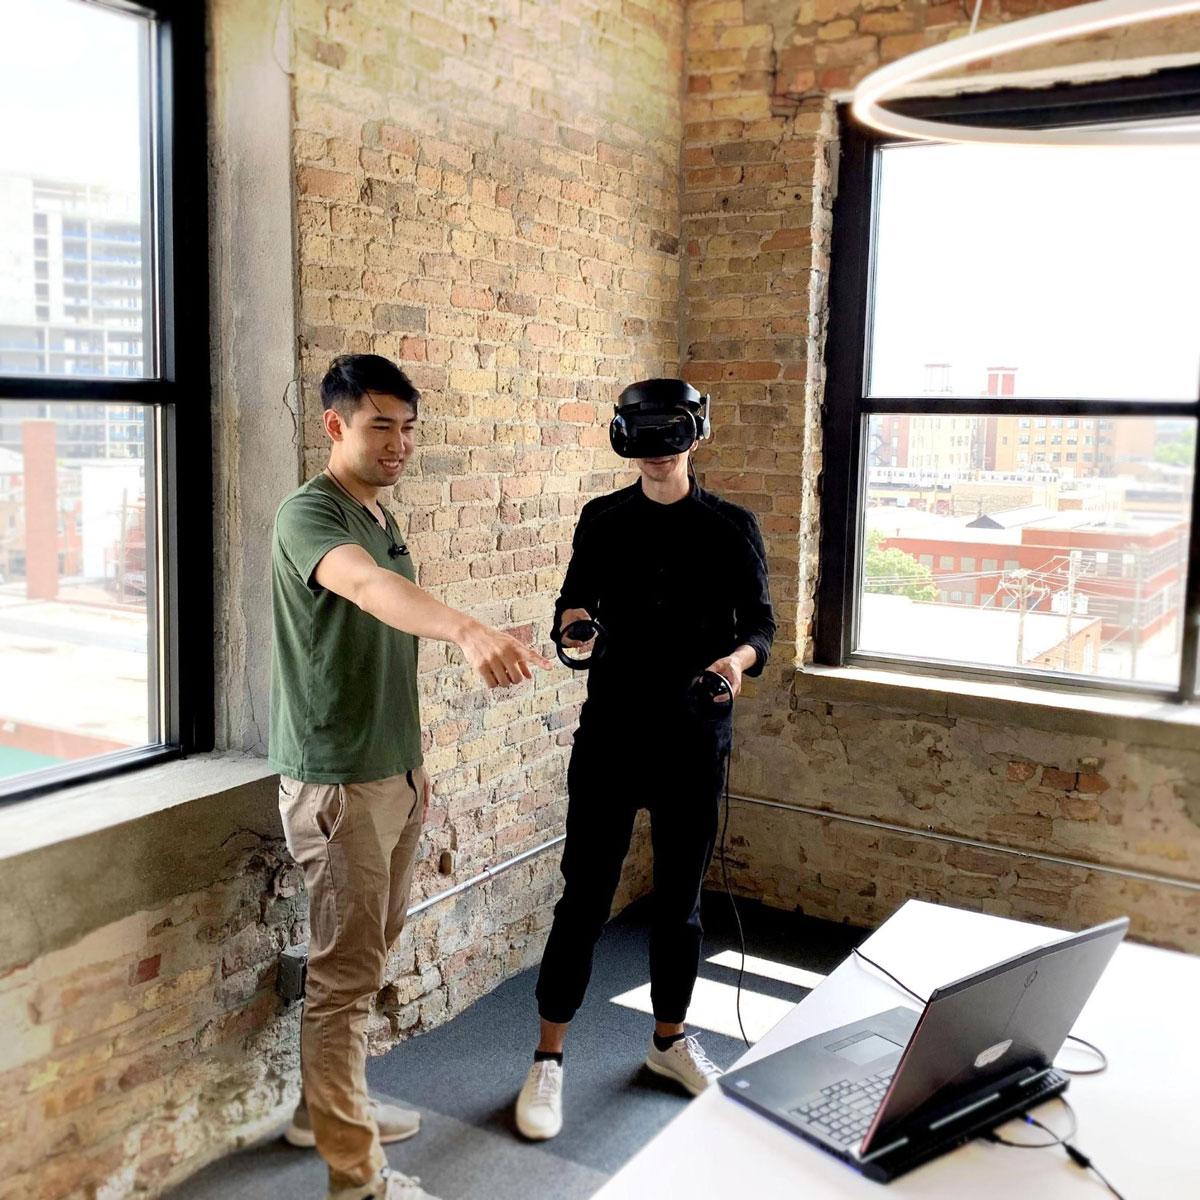 Testen van een virtuele omgeving